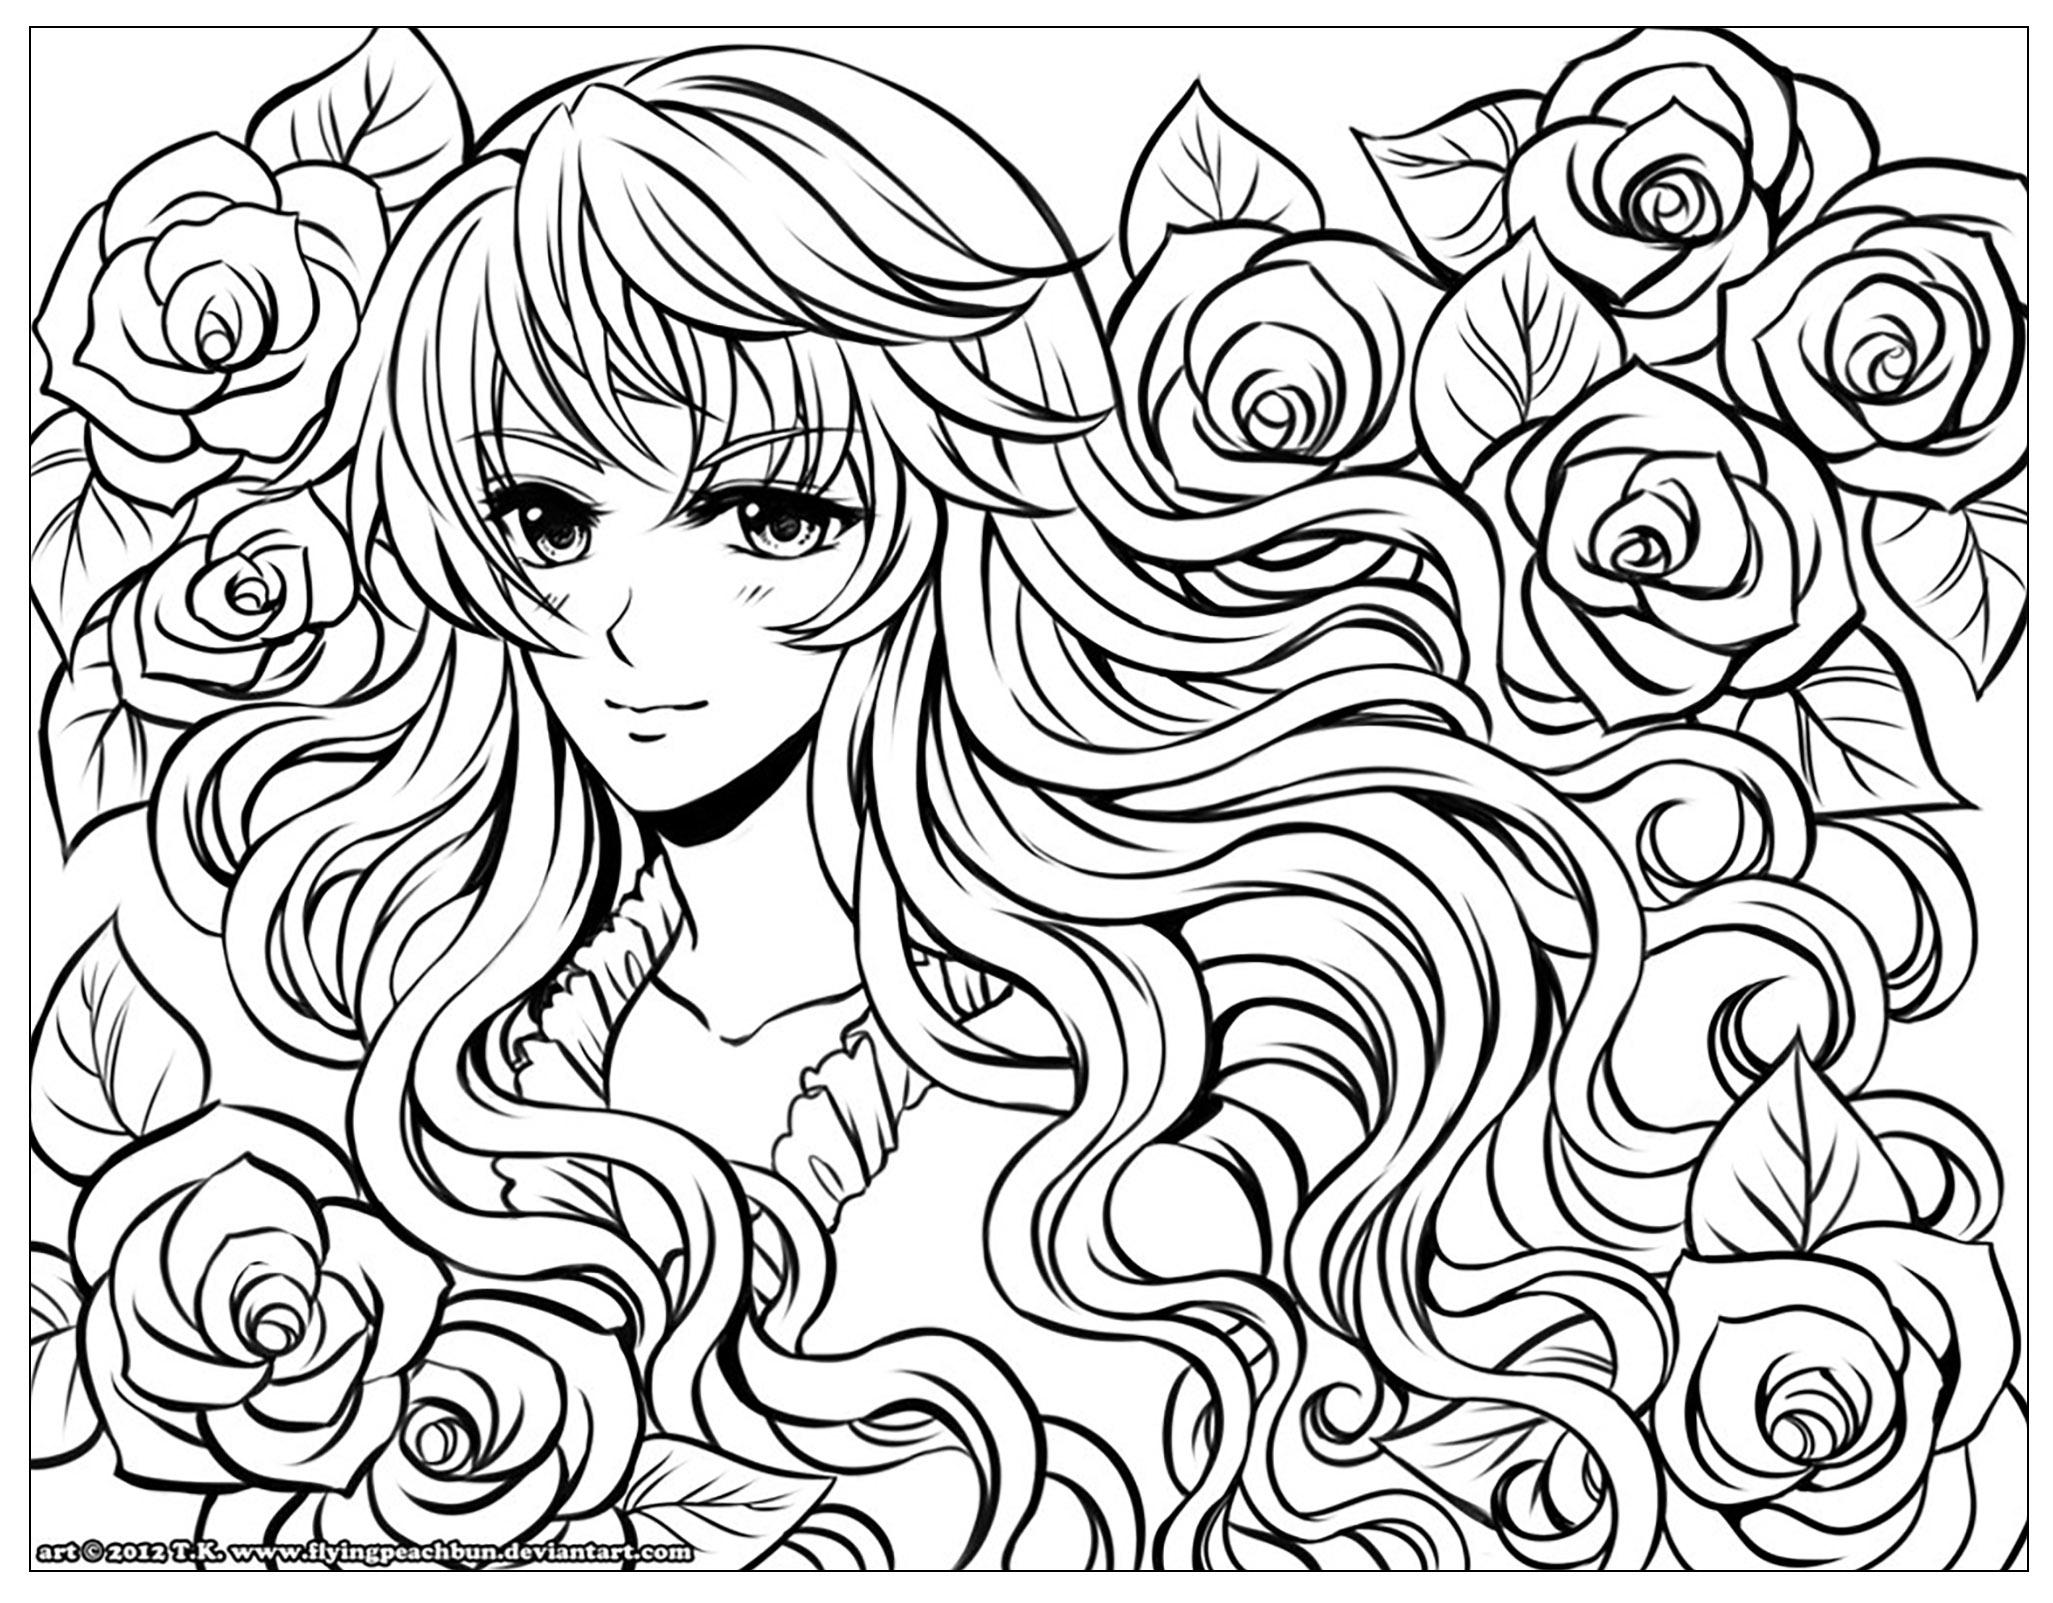 La fille aux cheveux fleuris, un magnifique dessin au style MangaA partir de la galerie : MangasArtiste : FlyingPeachBun